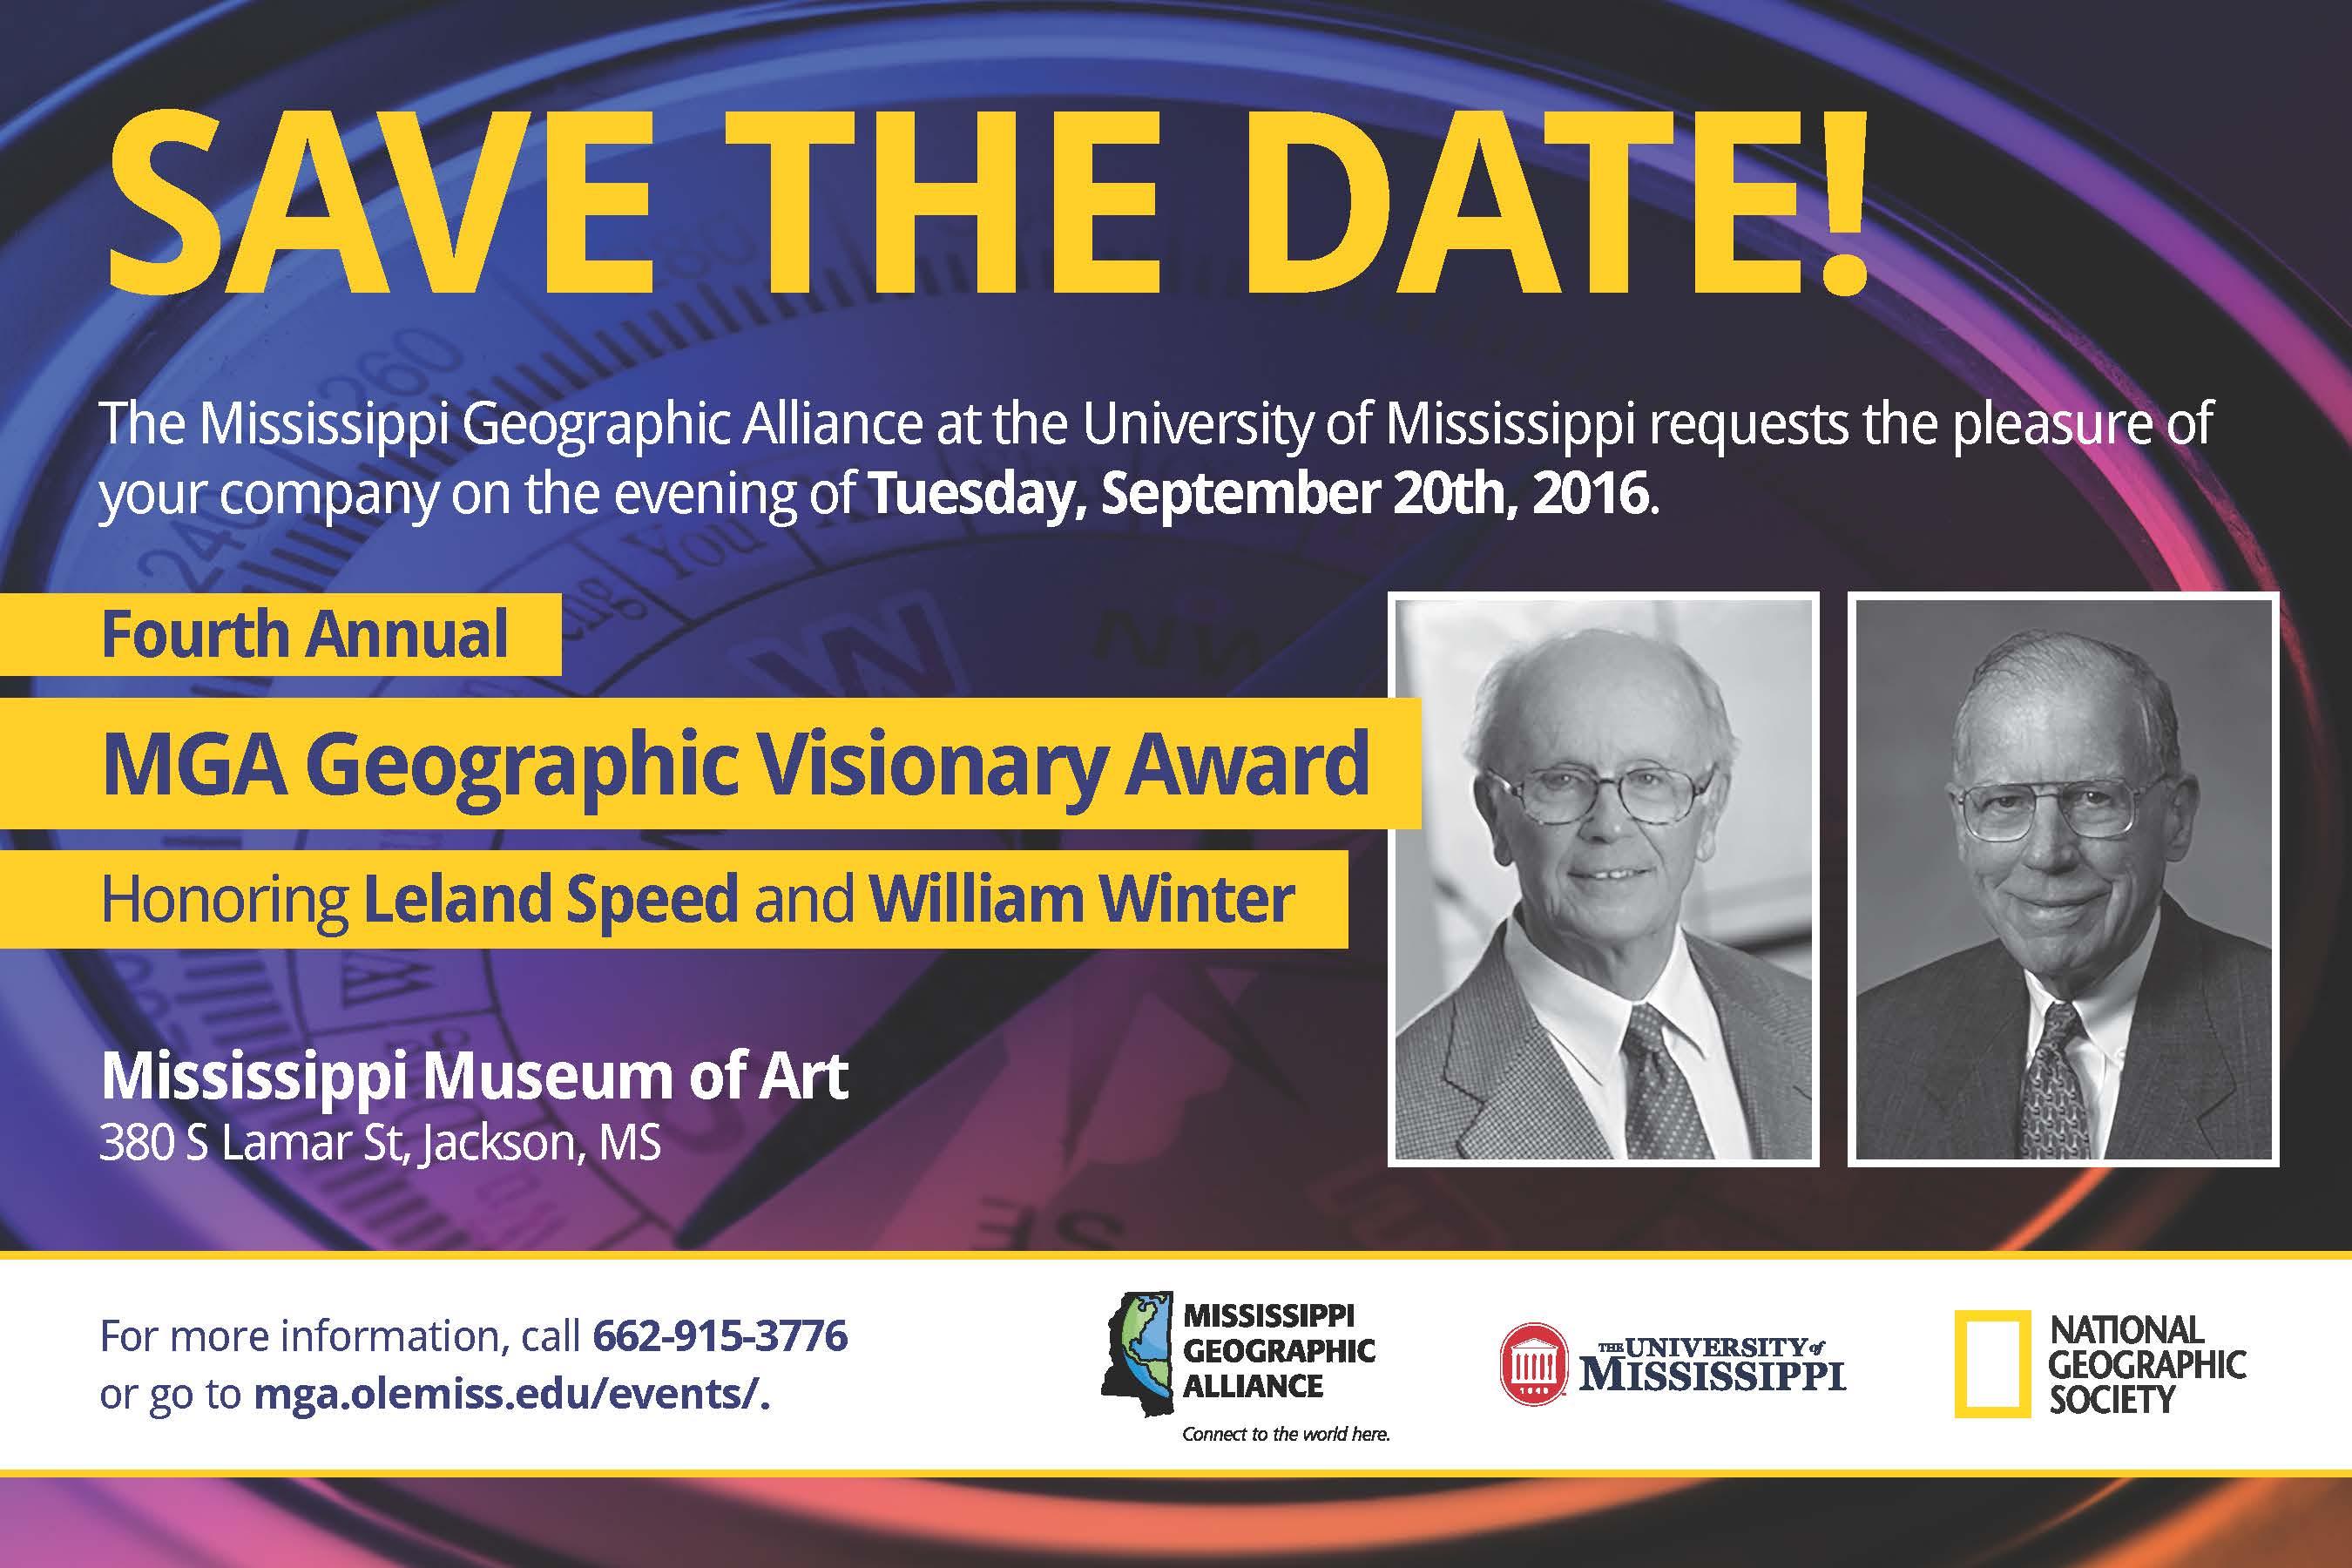 MGA Geographic Visionary Awards